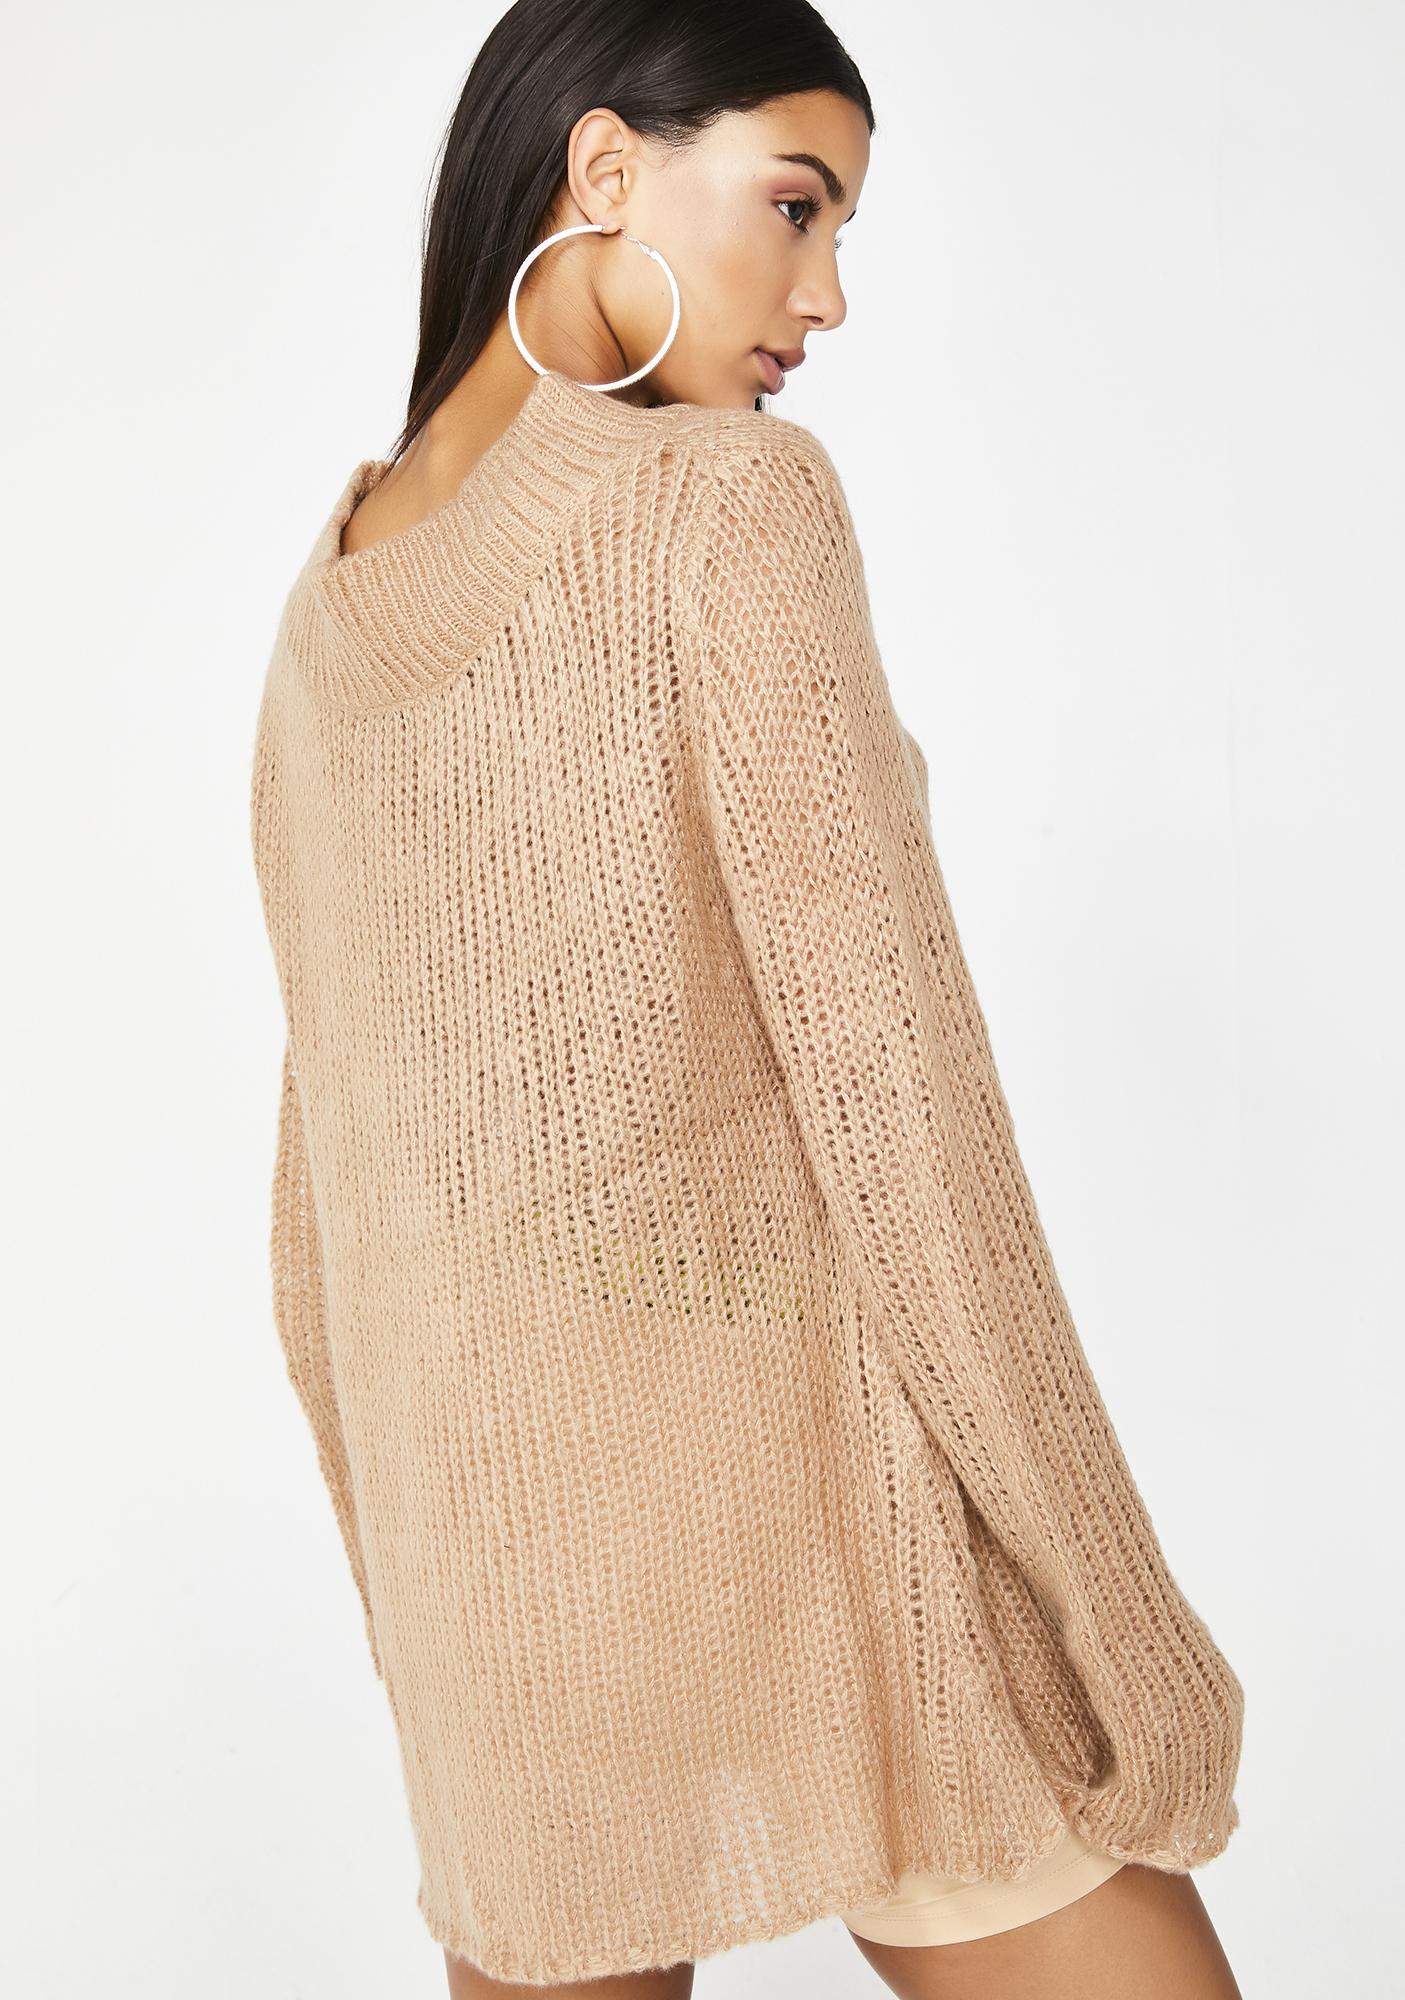 Poster Grl Strike It Rich Knit Sweater